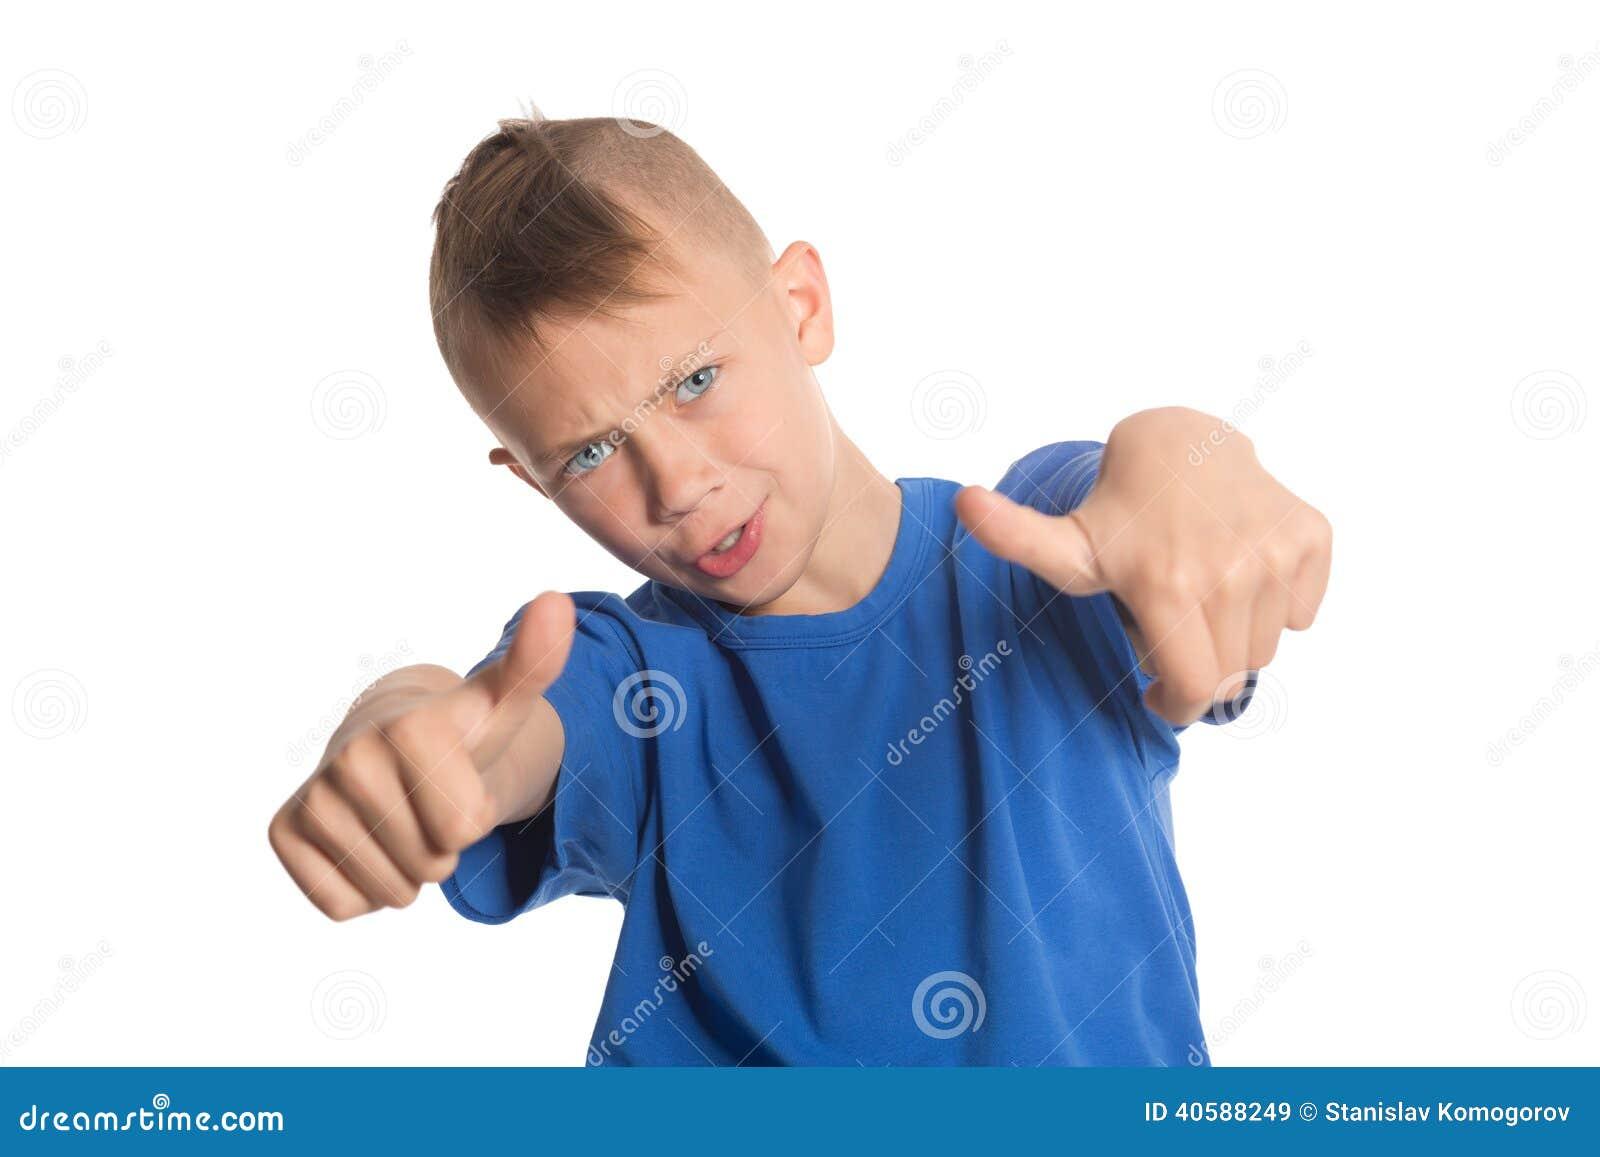 Радостный мальчик показывая большие пальцы руки вверх показывать